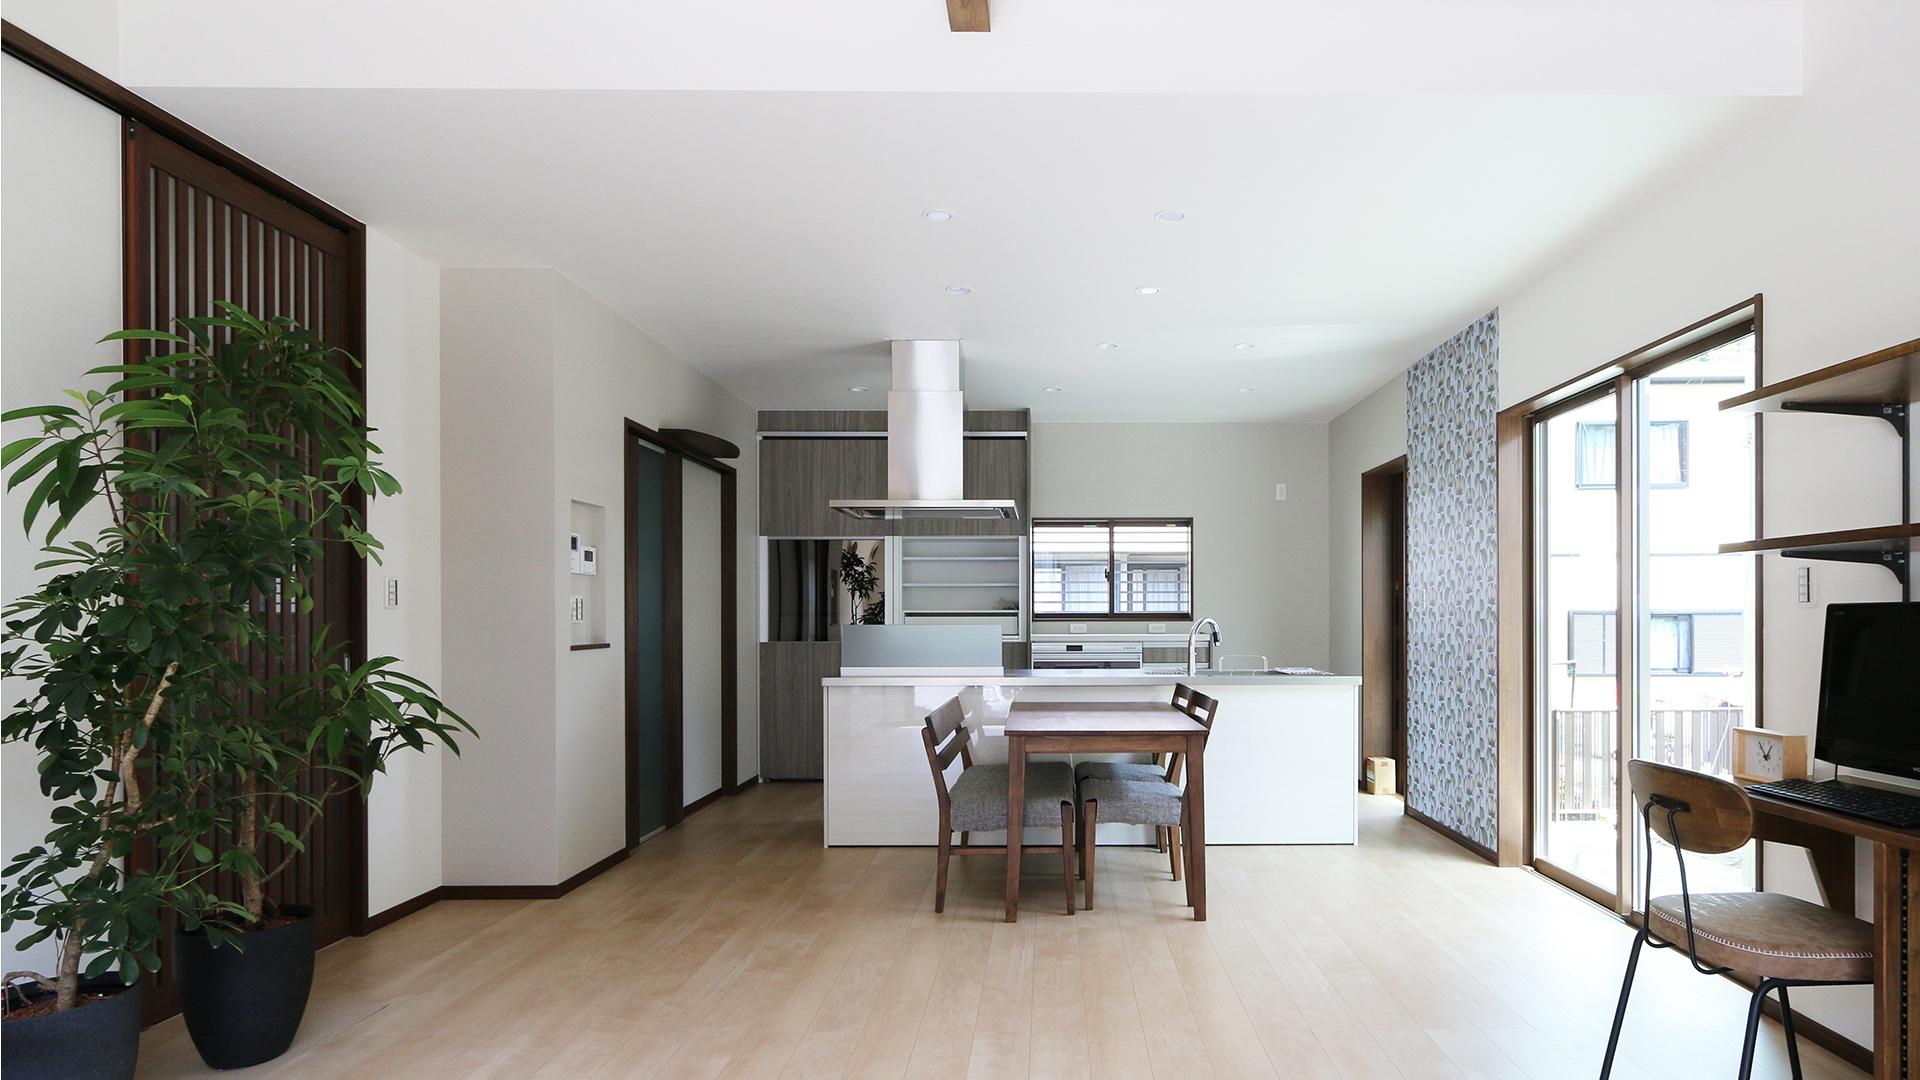 柴田建築企画の平屋住宅。広々した空間に置かれたダイニングセットの画像。